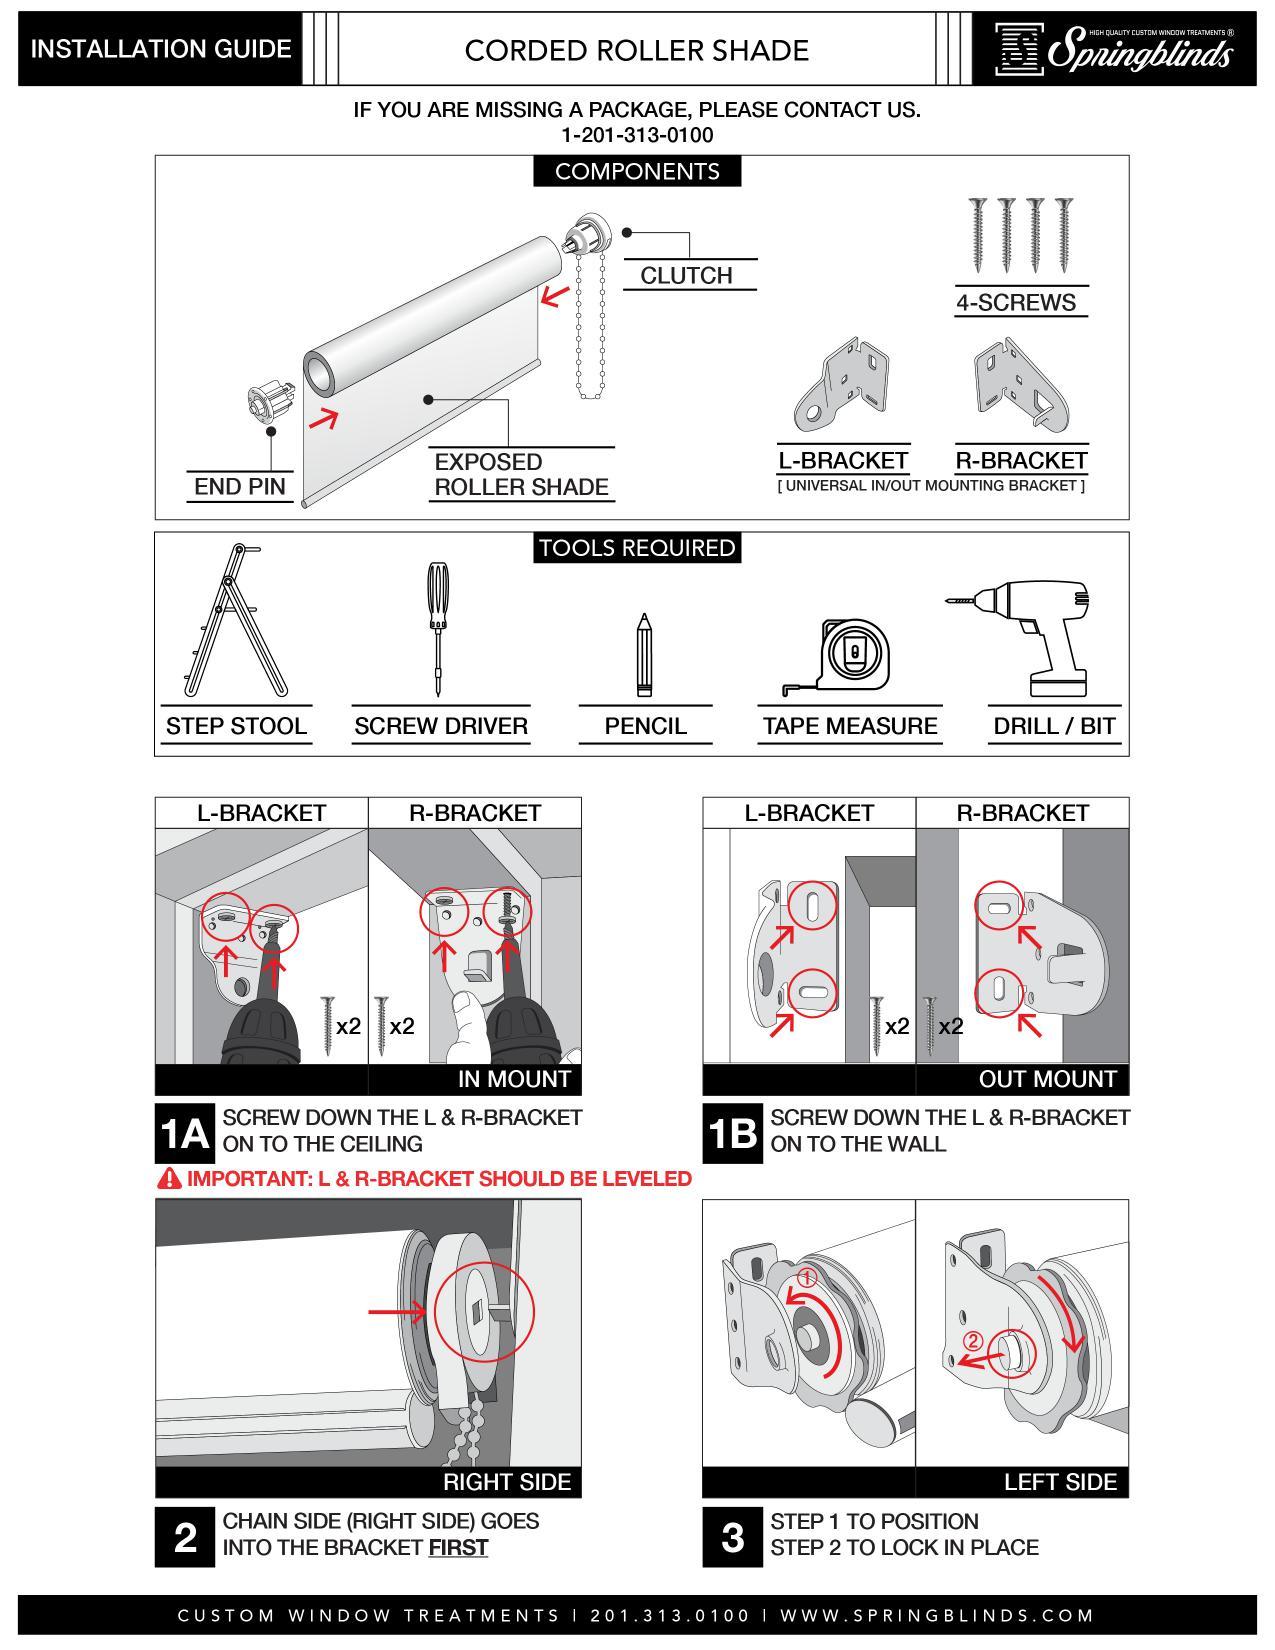 corded-roller-shade-installation-guide.jpg